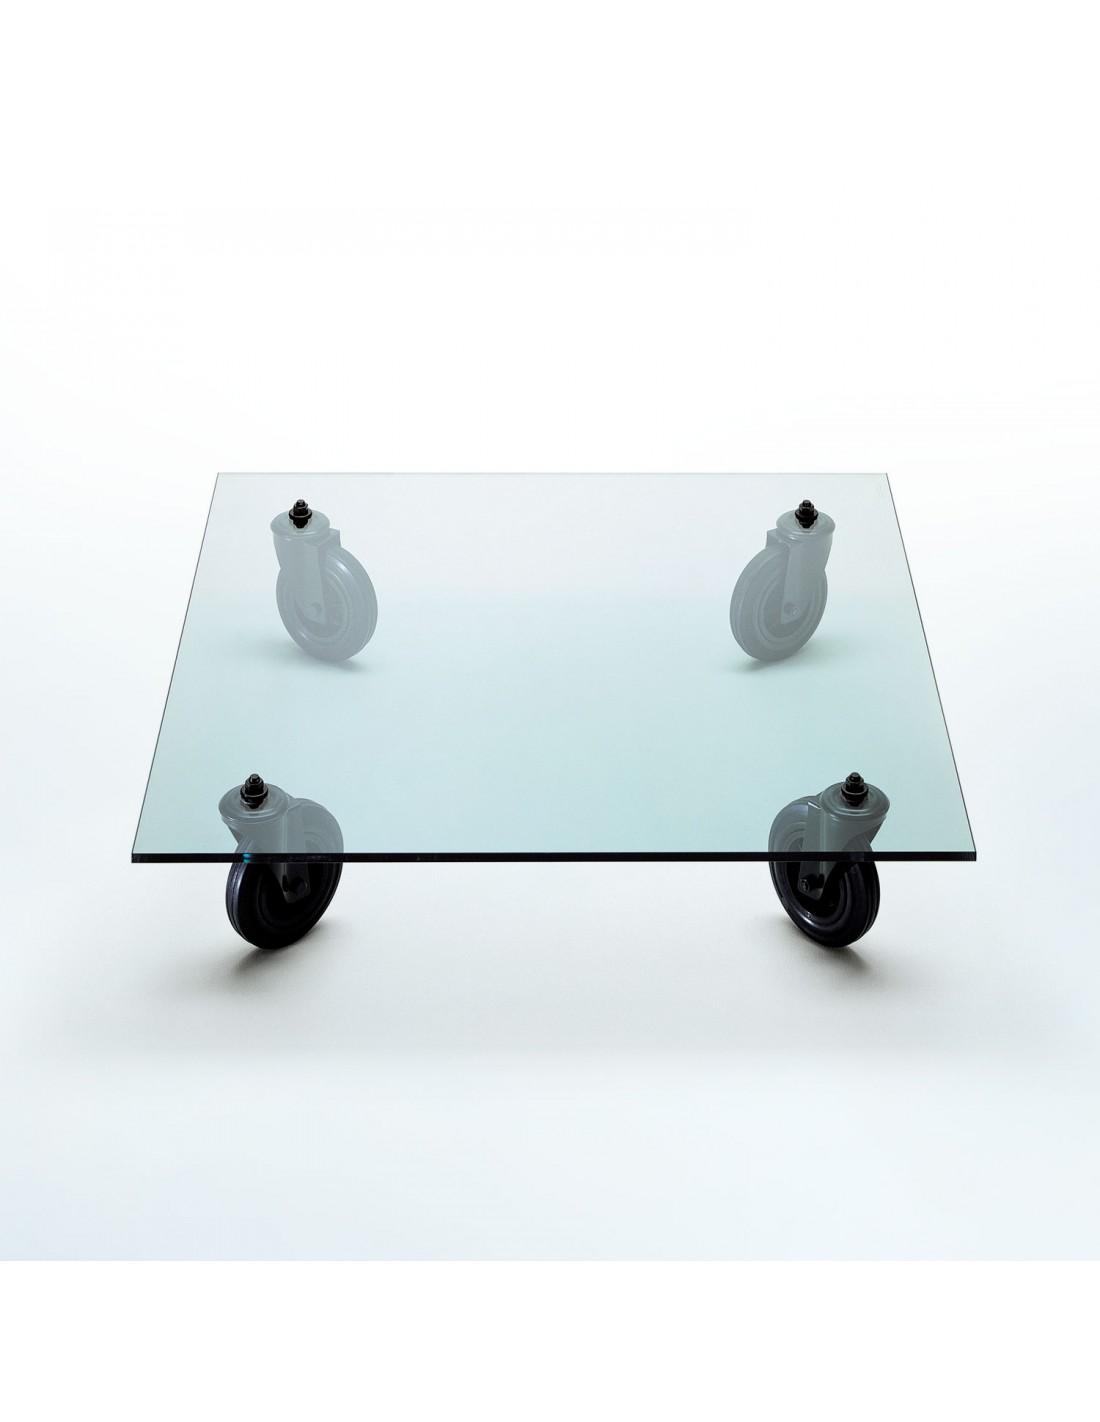 Table Tavolo Con Ruote L120 vue d'ensemble Fontana Arte